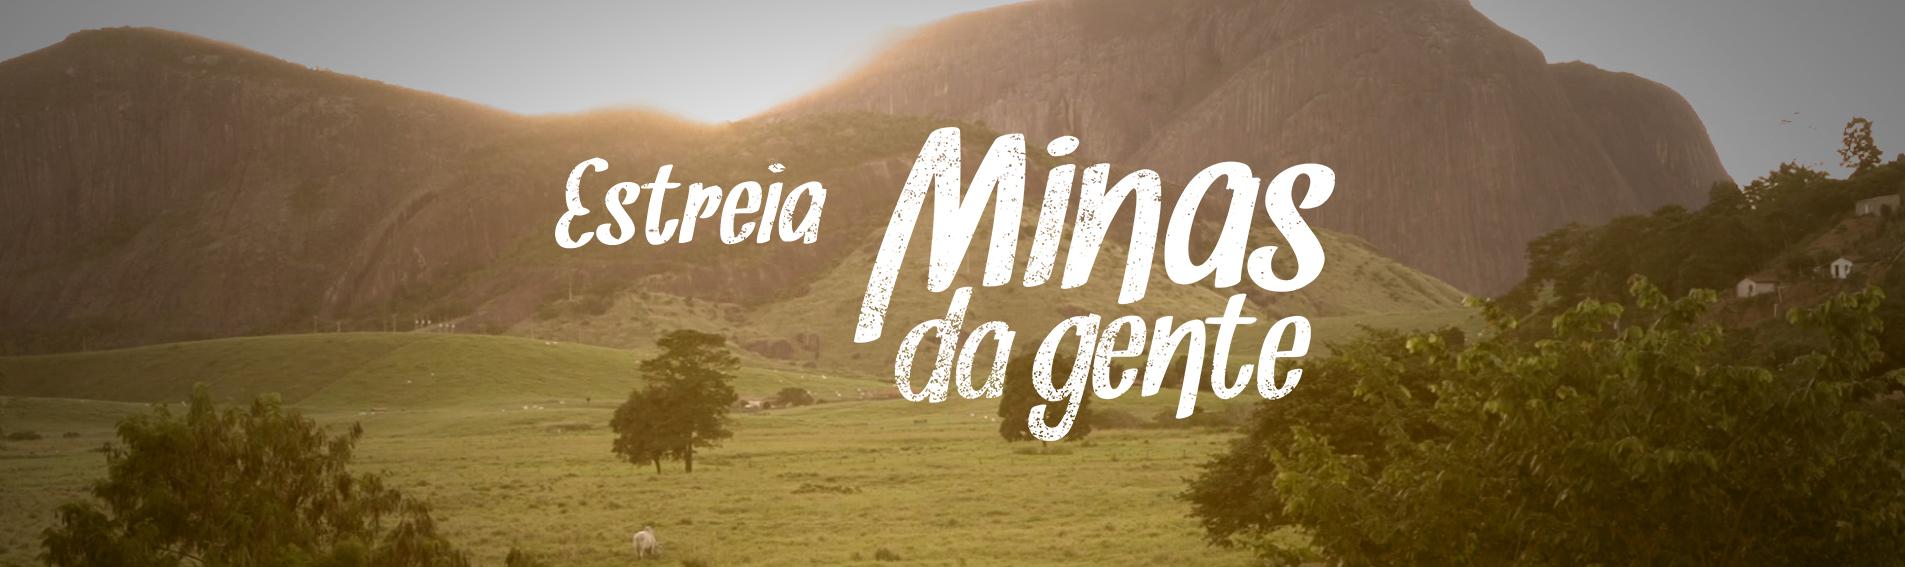 banner_estreia_minasdagente